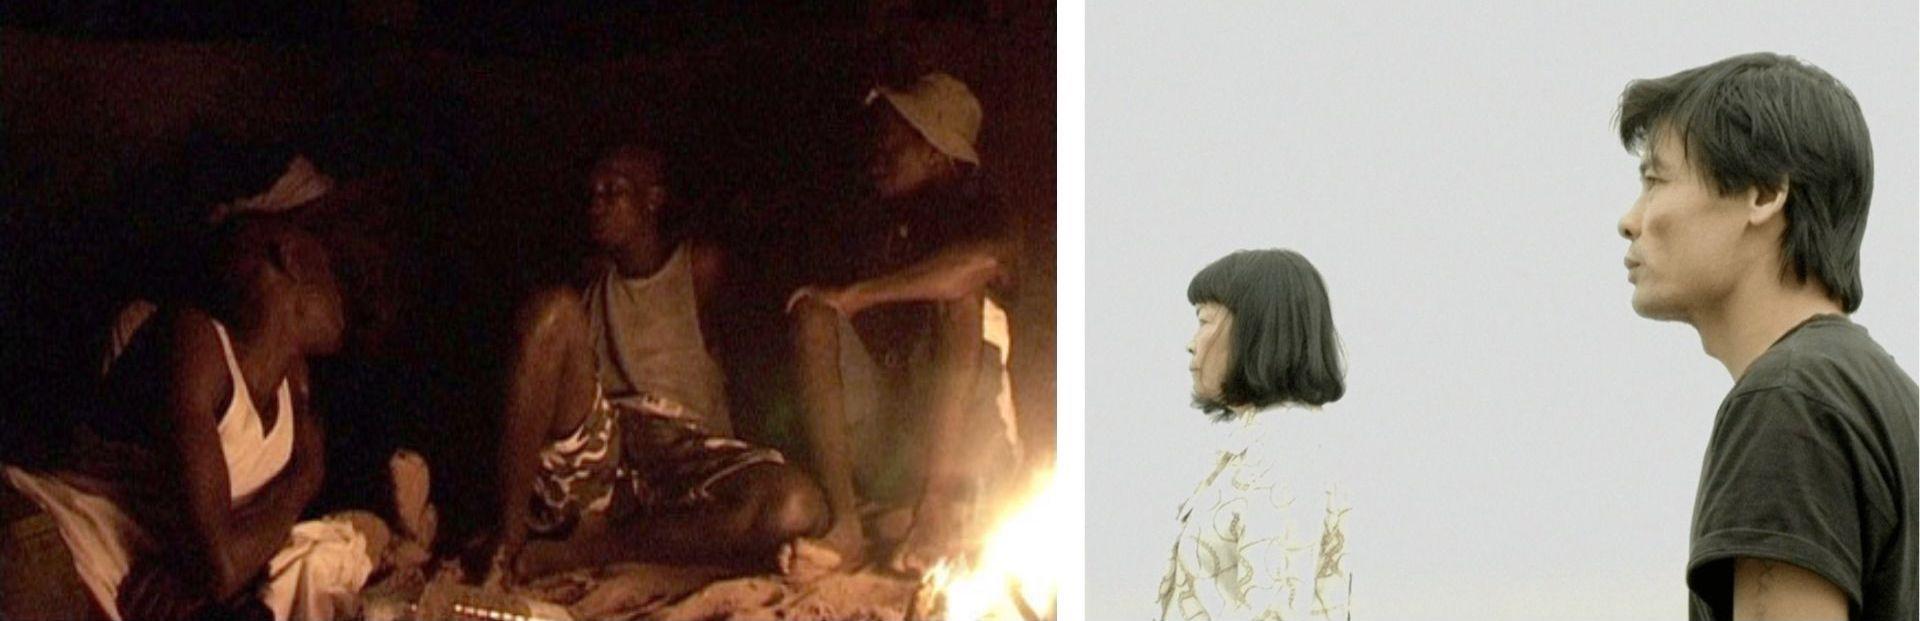 Photogrammes des films Atlantiques et Big in Vietnam